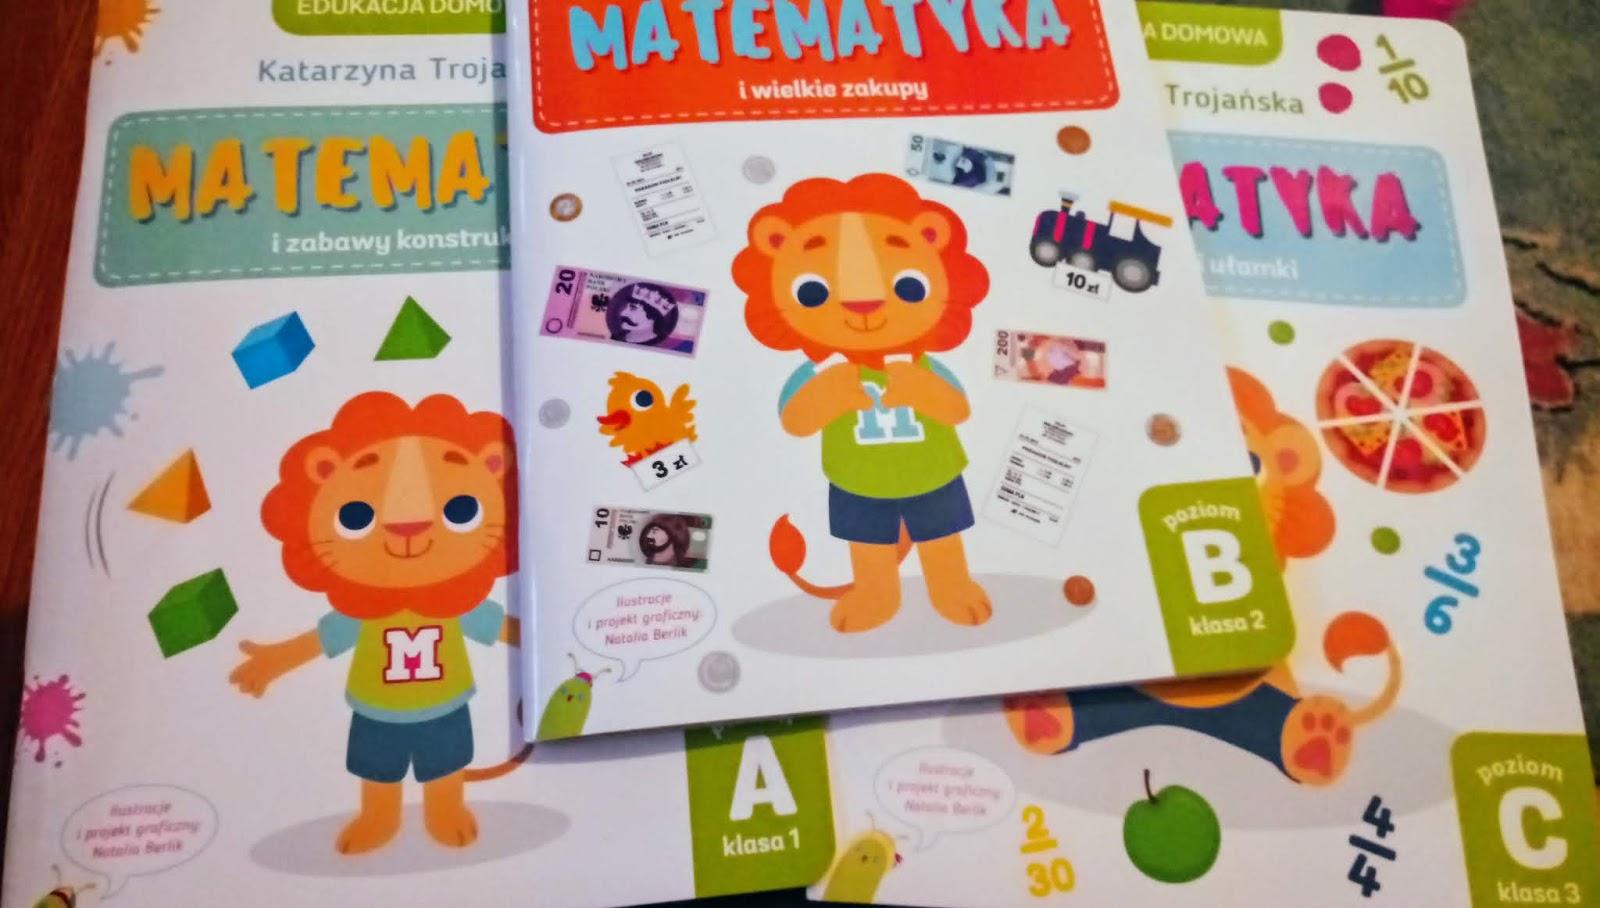 Matematyka z serii edukacja domowa- część III.